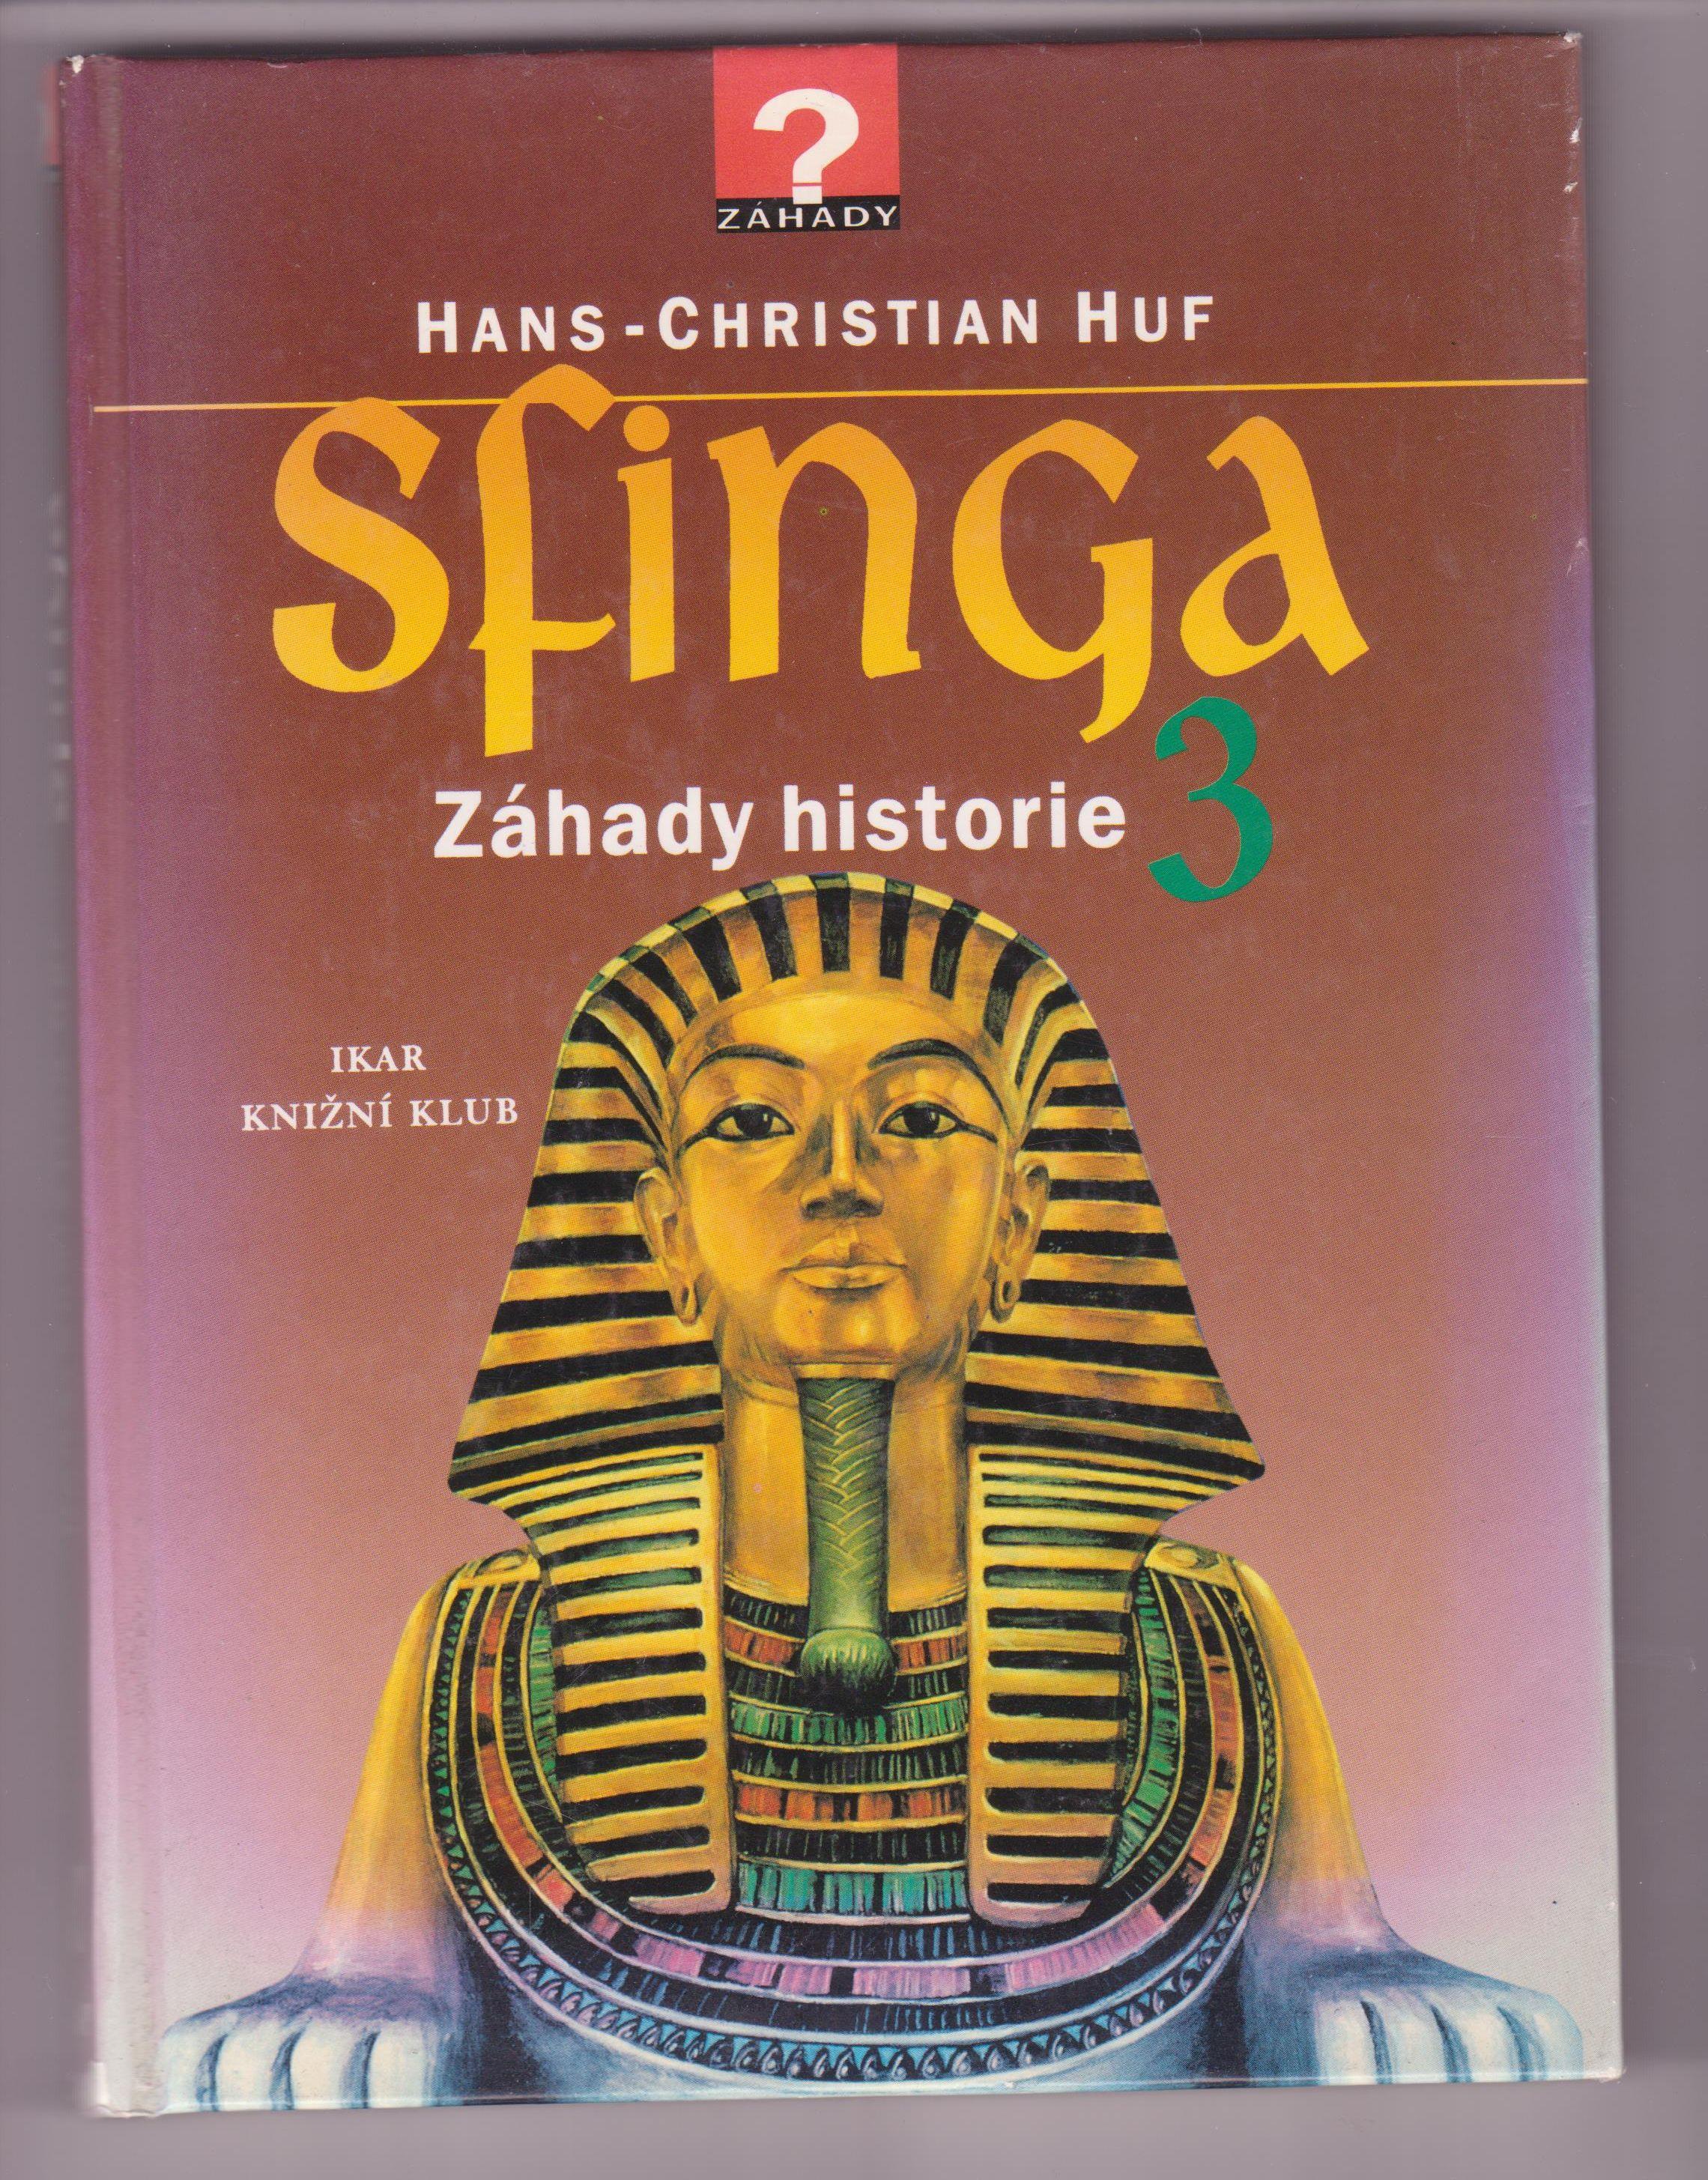 Sfinga - Záhady historie 3 - Hans-Christian Huf